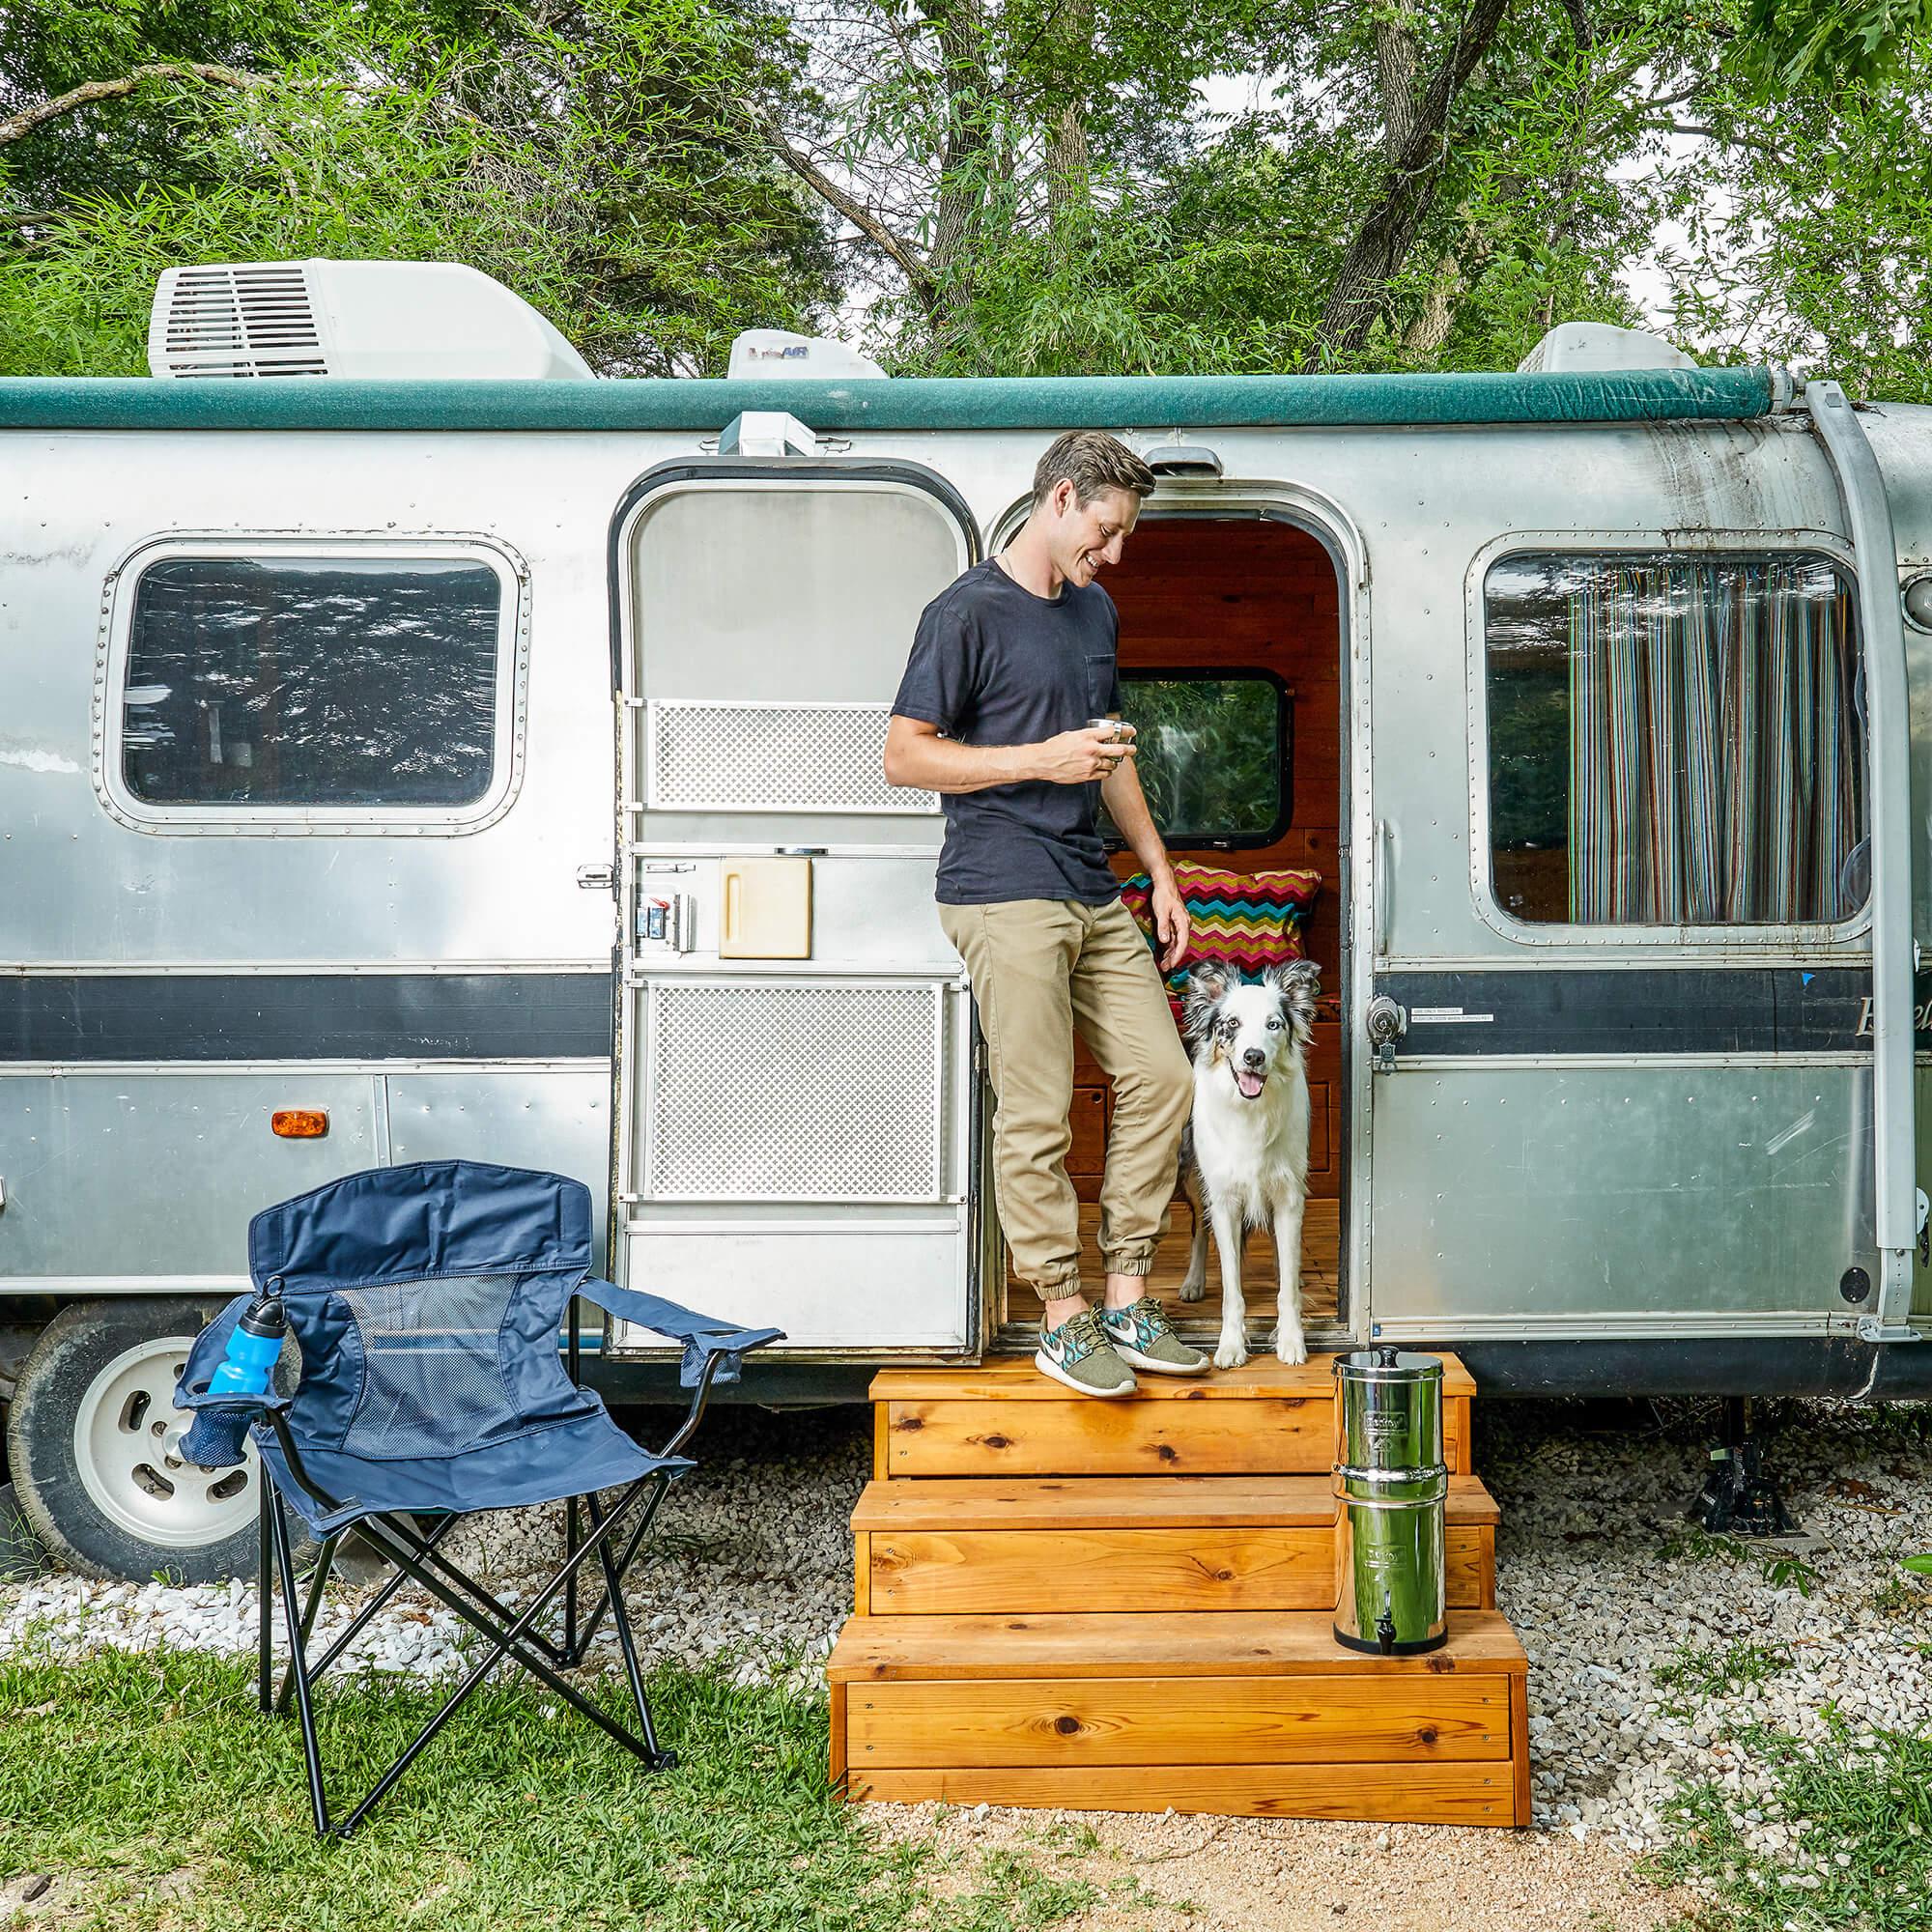 Puhdas vesi on tärkeää karavaanilla matkustaesssa koira mukana